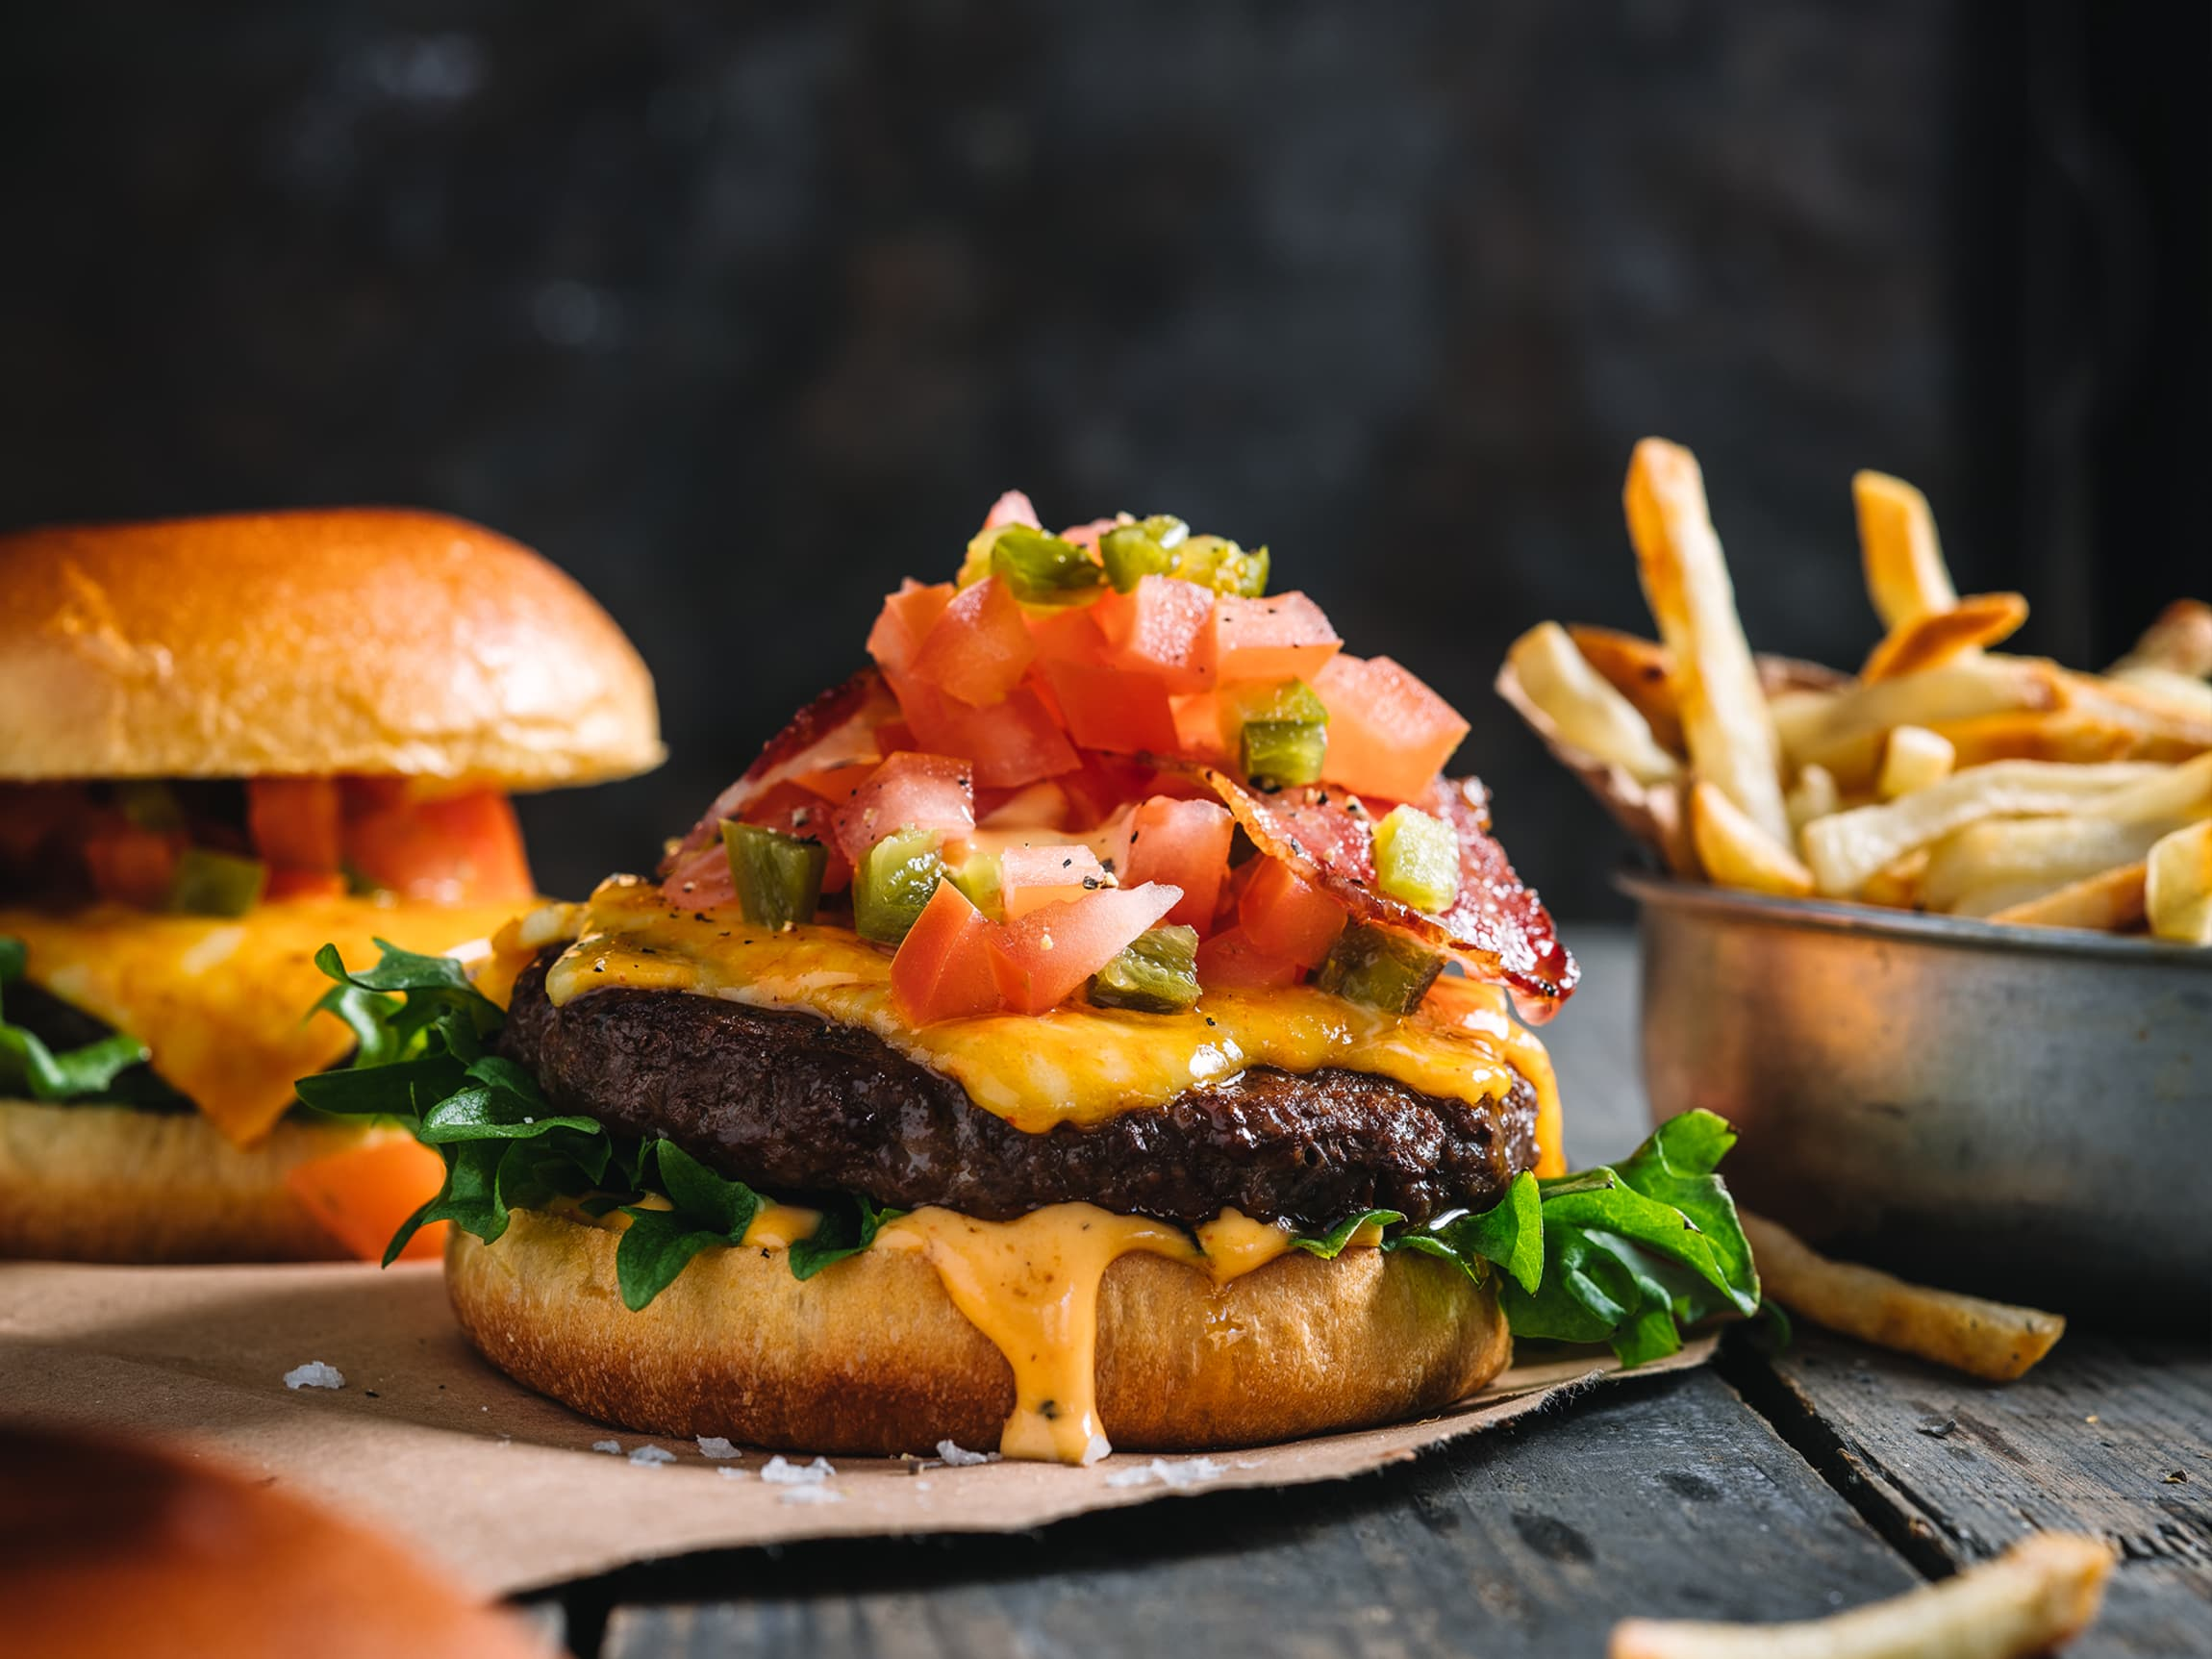 God topping, ost og selvfølgelig en smaksrik saus gjør burgeren til en fantastisk smaksopplevelse!